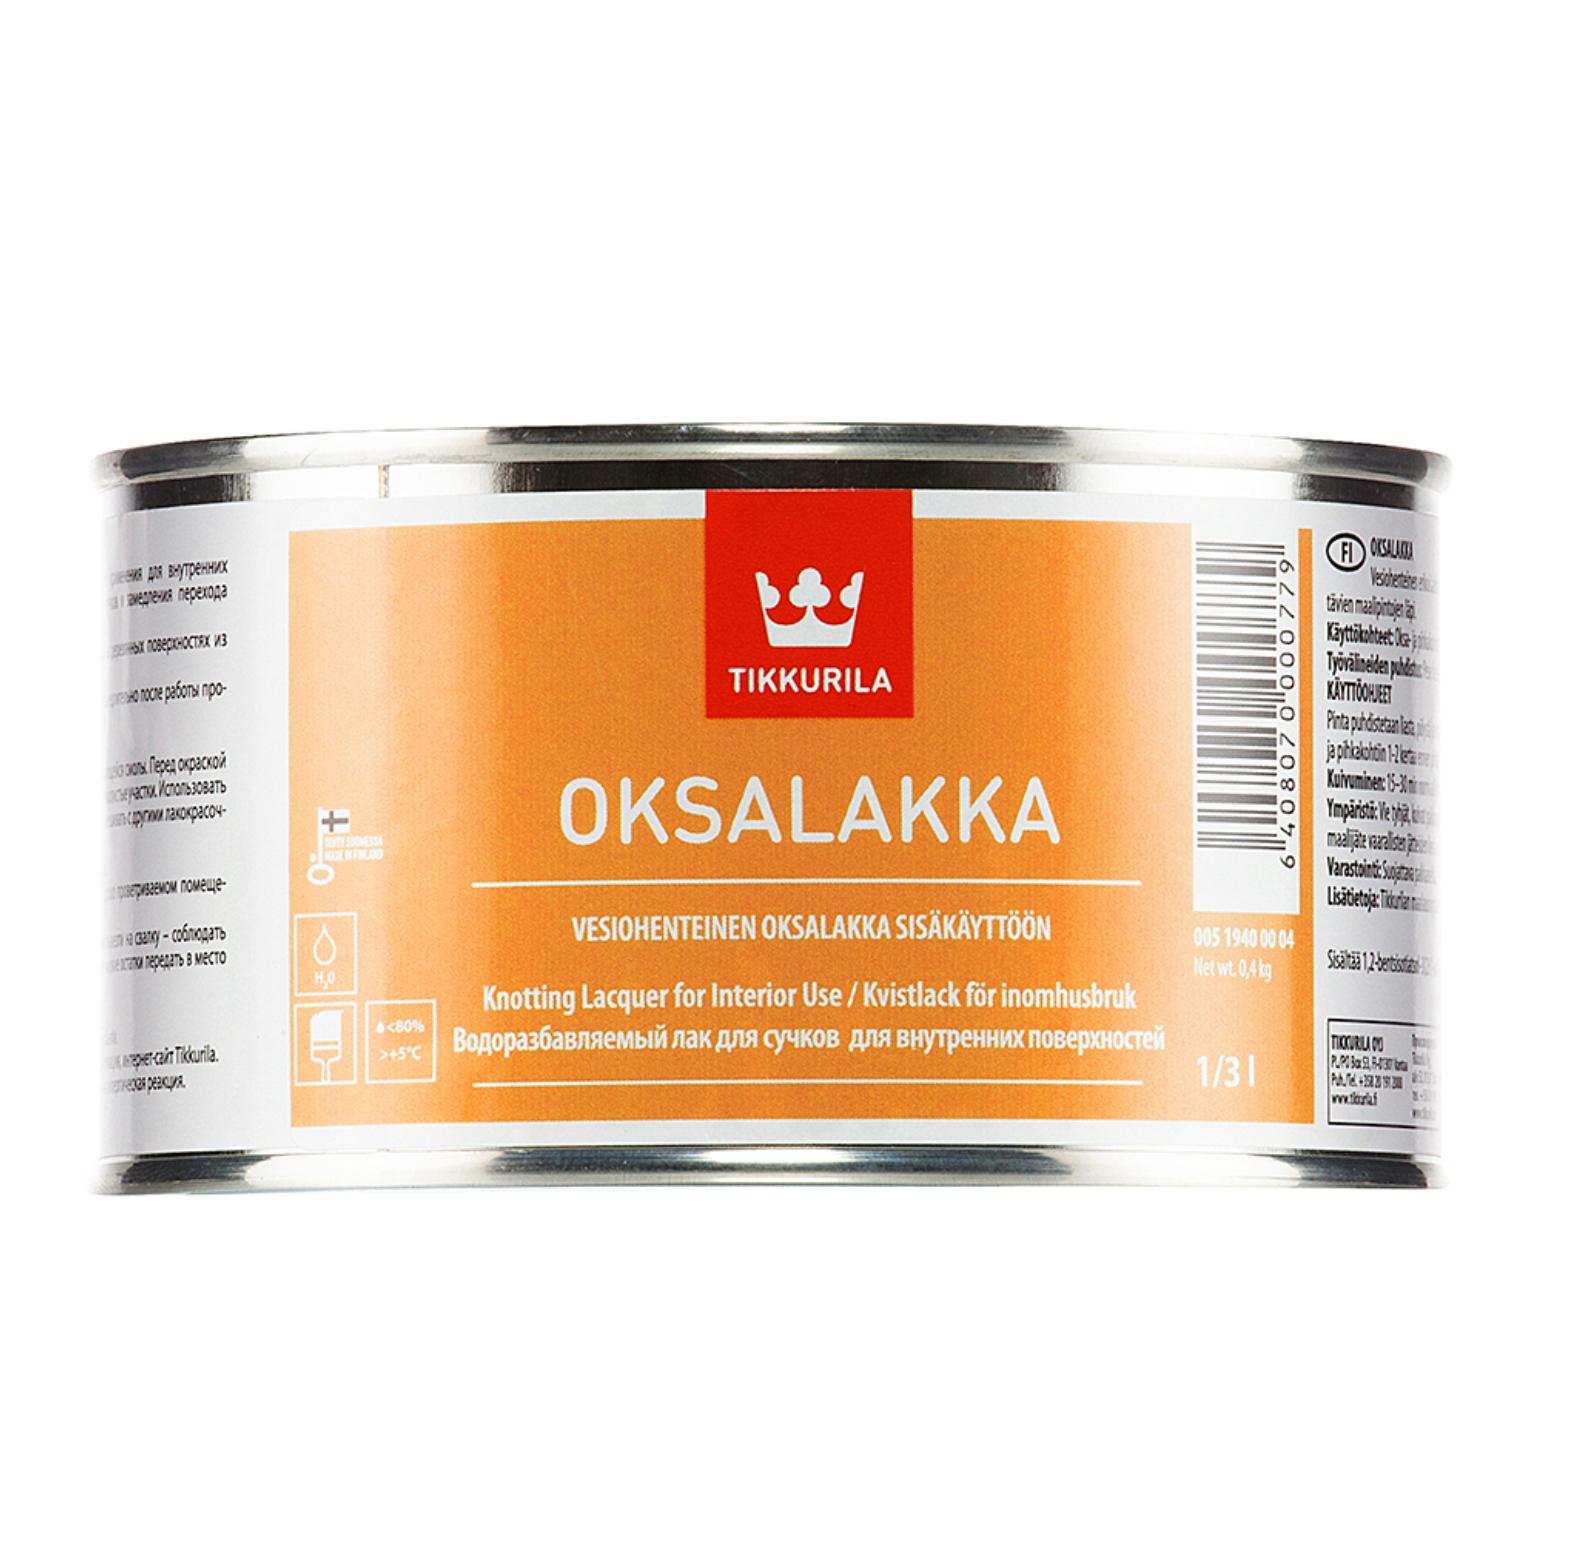 Tikkurila Oksalakka / Тиккурила Оксалака специальный лак для сучков